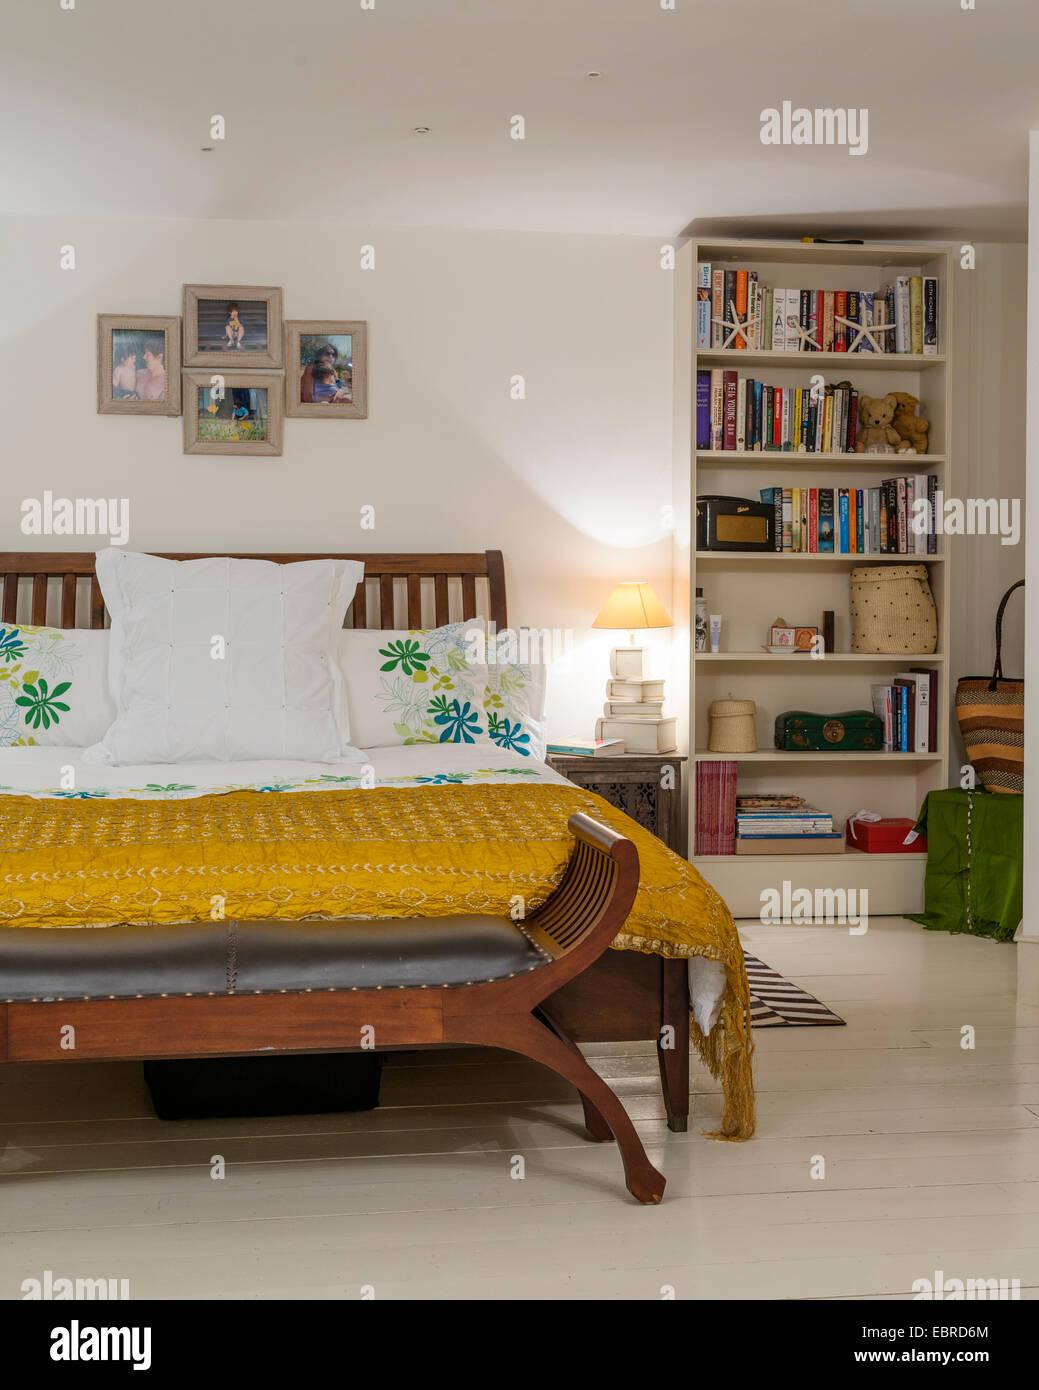 Camera da letto con seta gialla cover letto e della libreria Foto ...